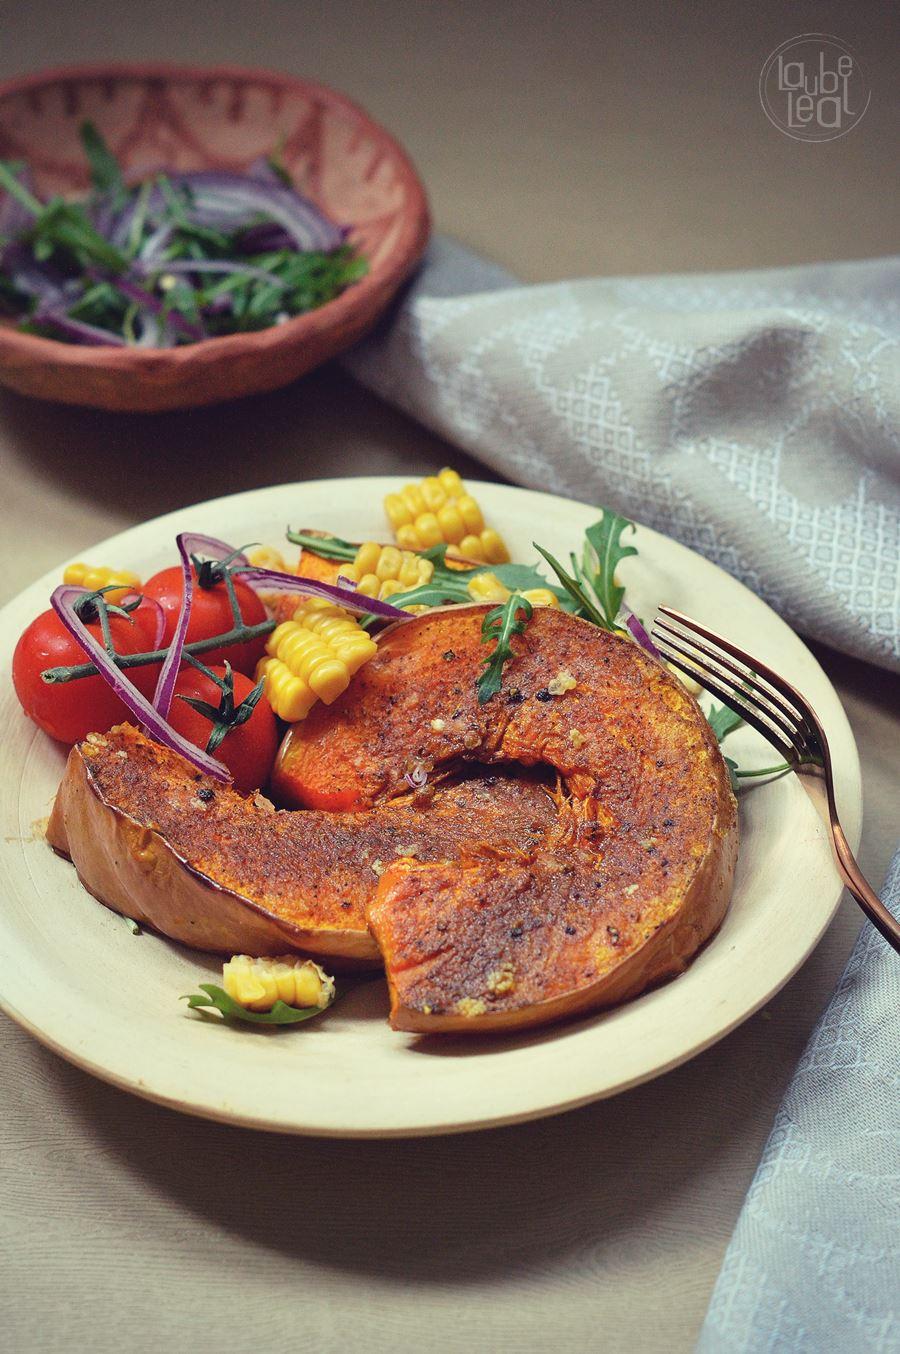 Receta vegetariana: calabaza asada con ras al hanut